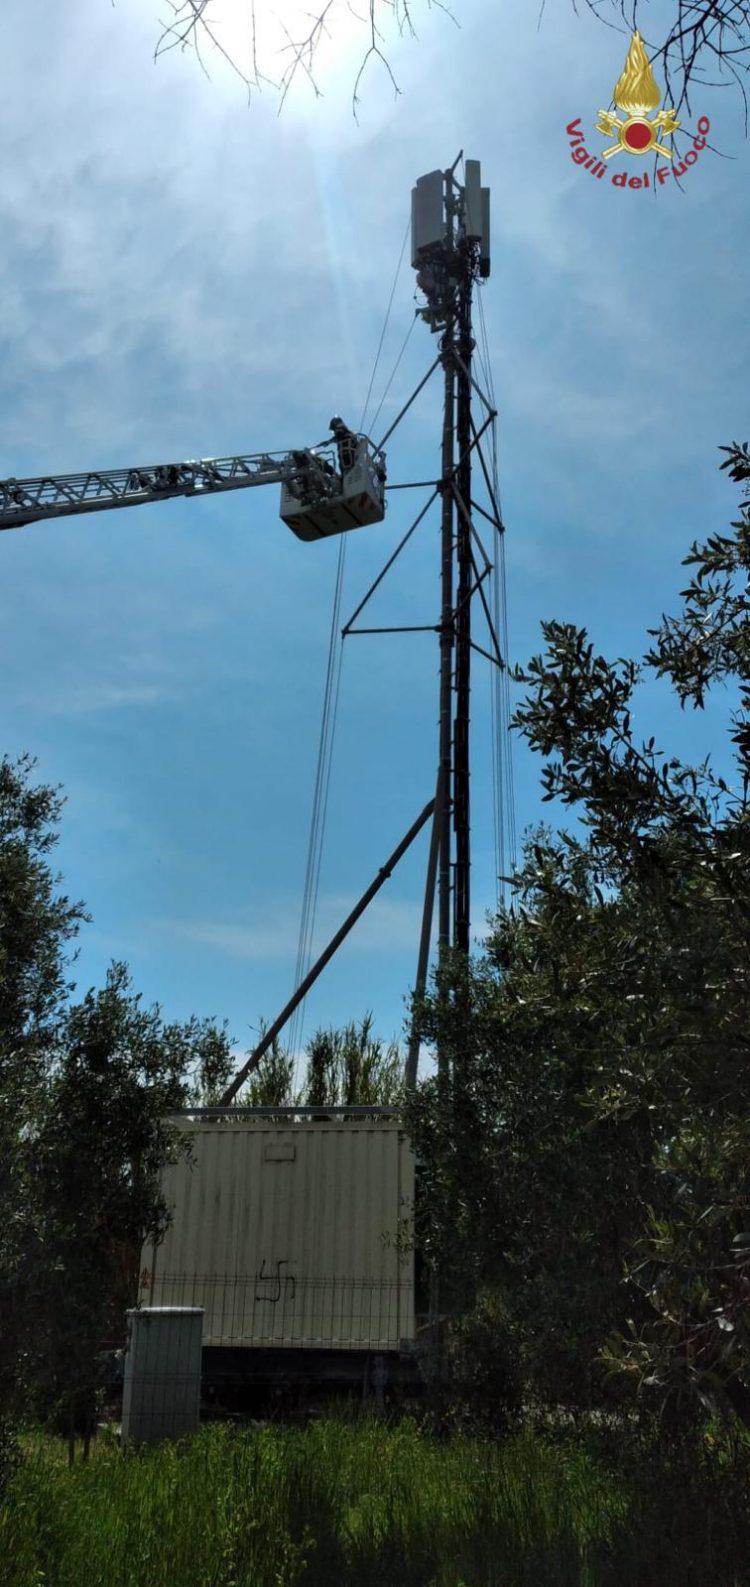 Gabbiano impigliato sull'antenna telefonica salvato dai vigili del fuoco